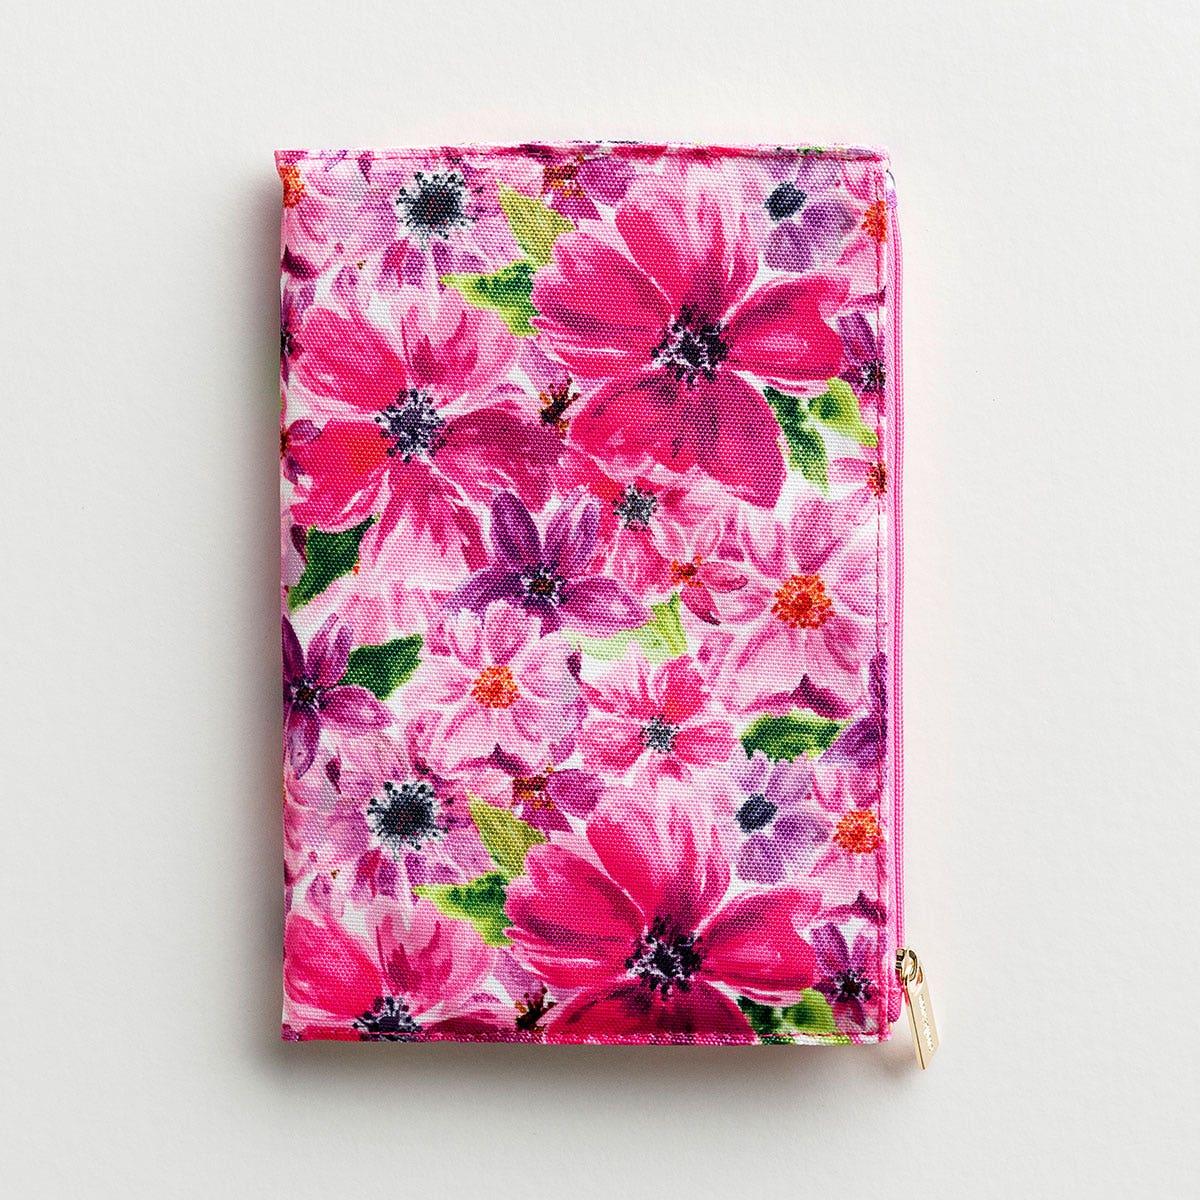 Floral Zip Pouch Journal - Cambridge